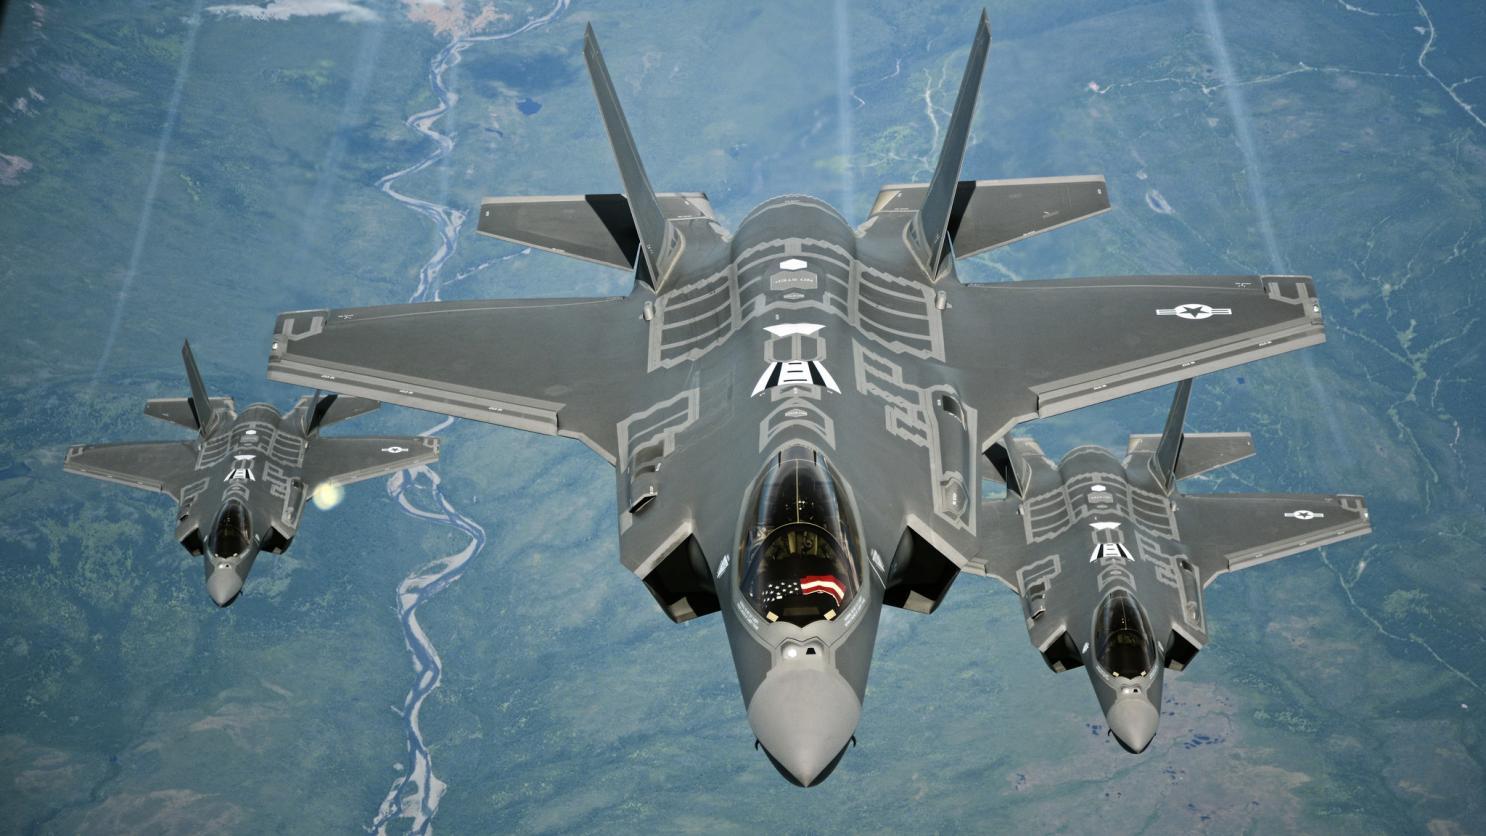 Rete Disarmo: «No F-35, Governo e Parlamento non spendano 10 miliardi per nuovi caccia da guerra»